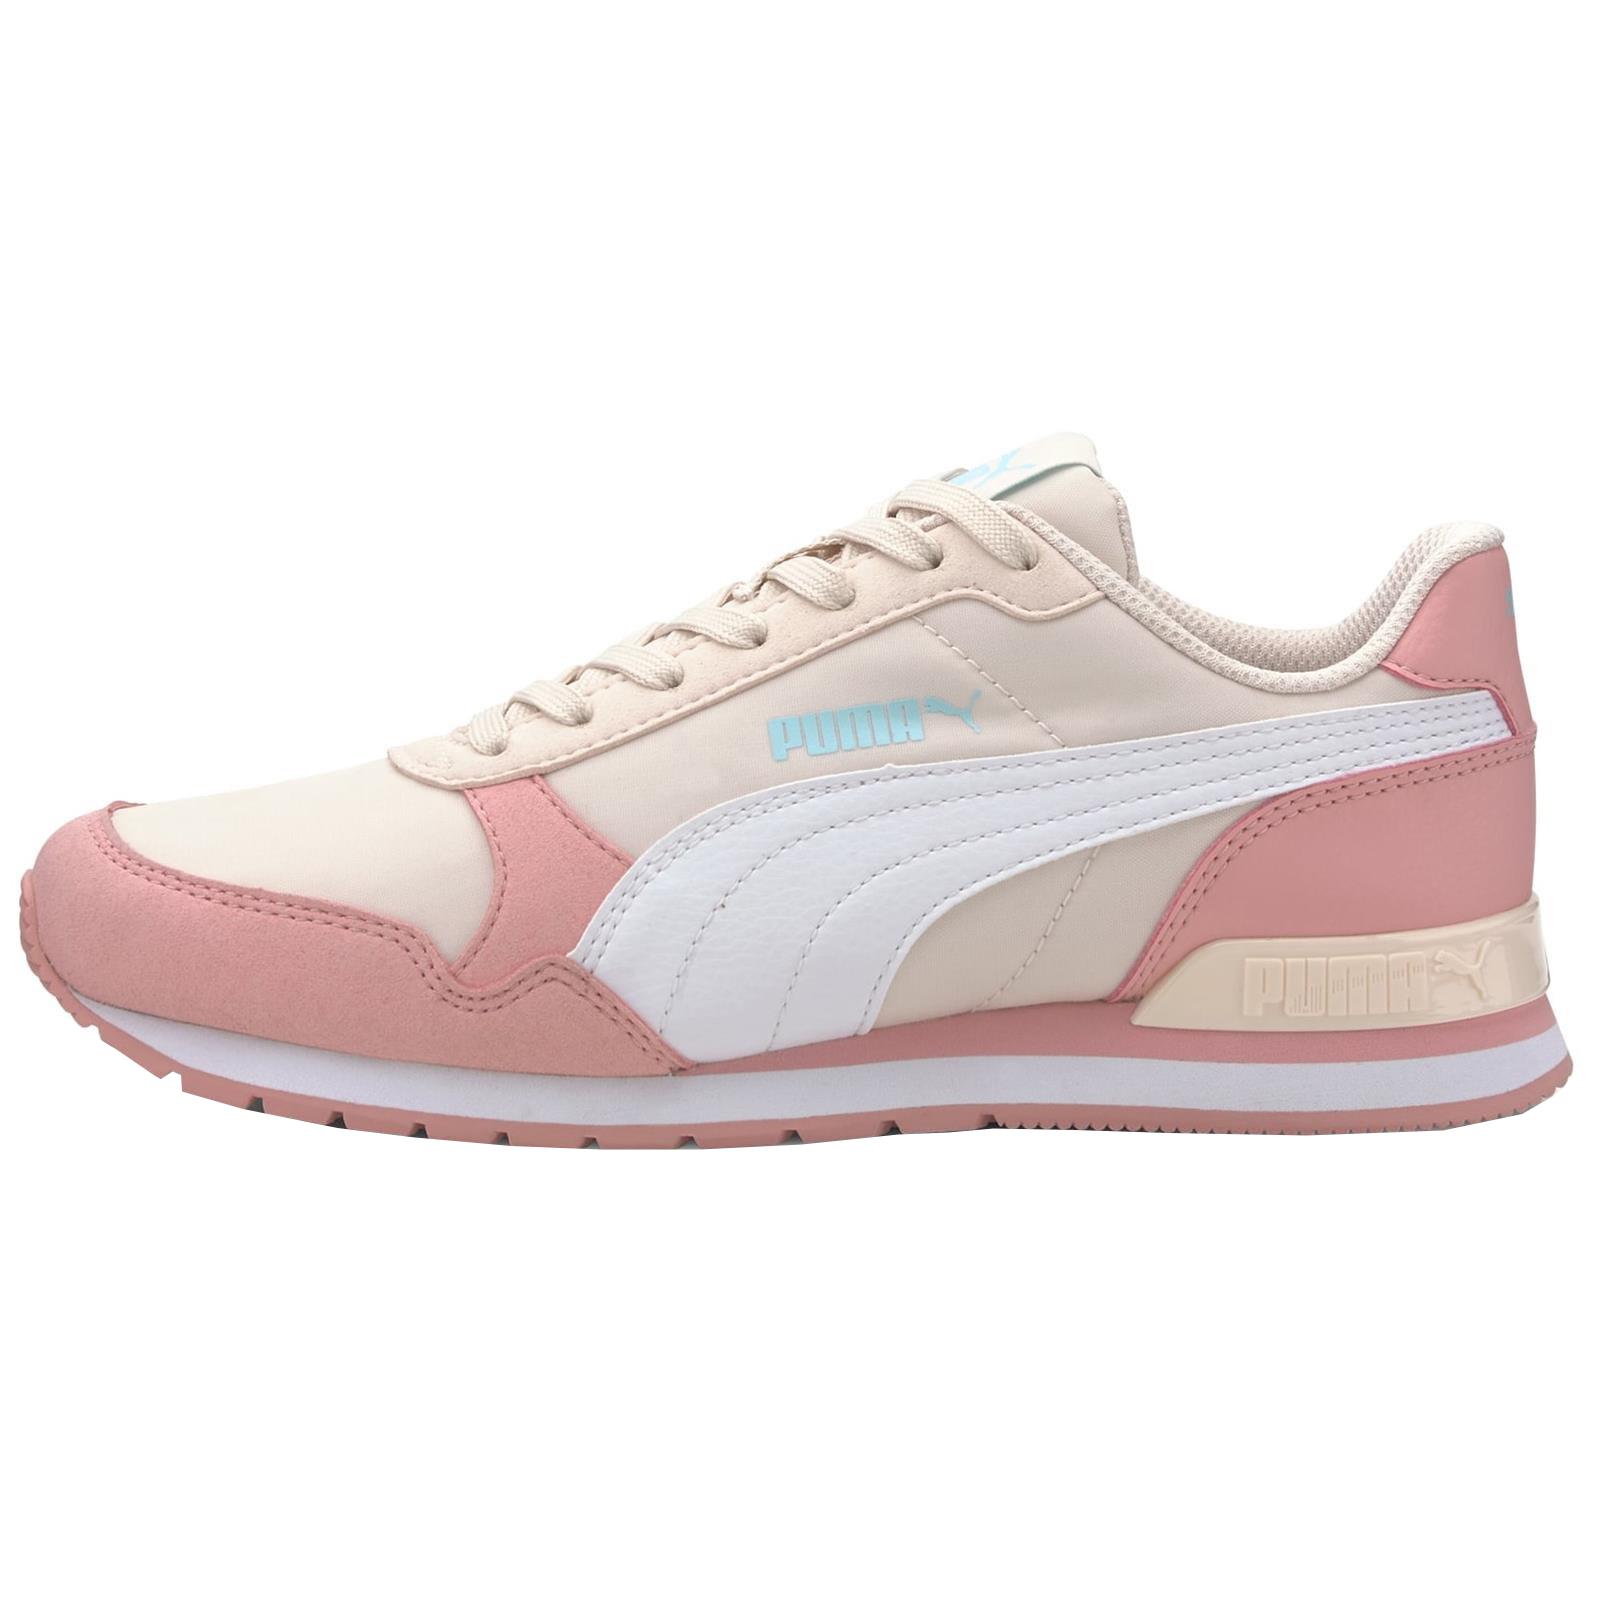 کفش پیاده روی زنانه پوما مدل 365293-16